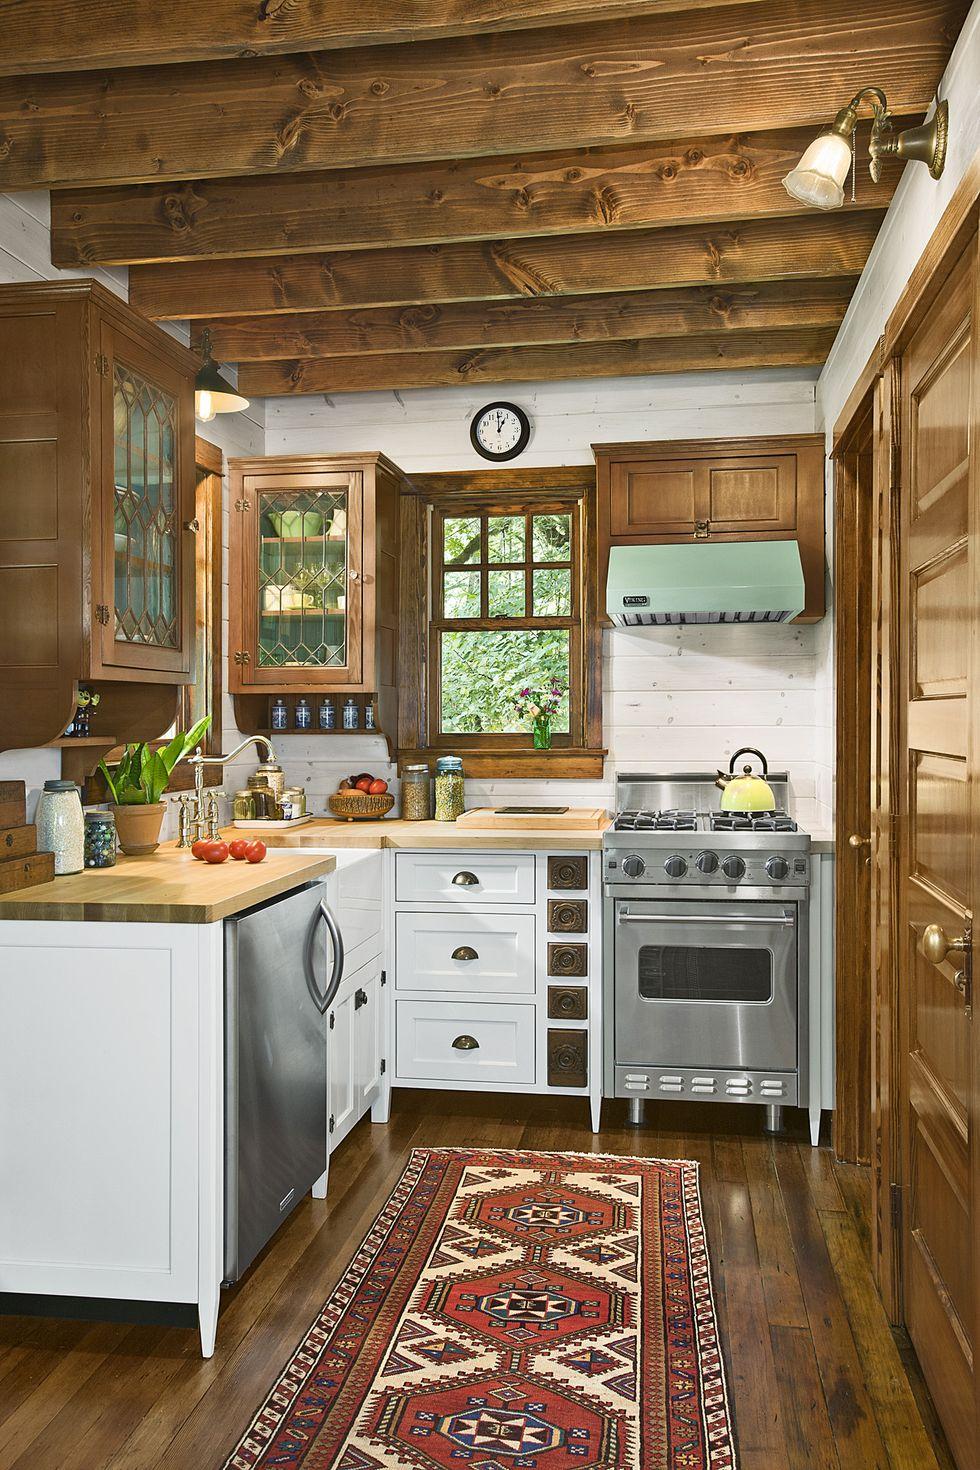 quaint-little-cabin-kitchen-1118-1546896362